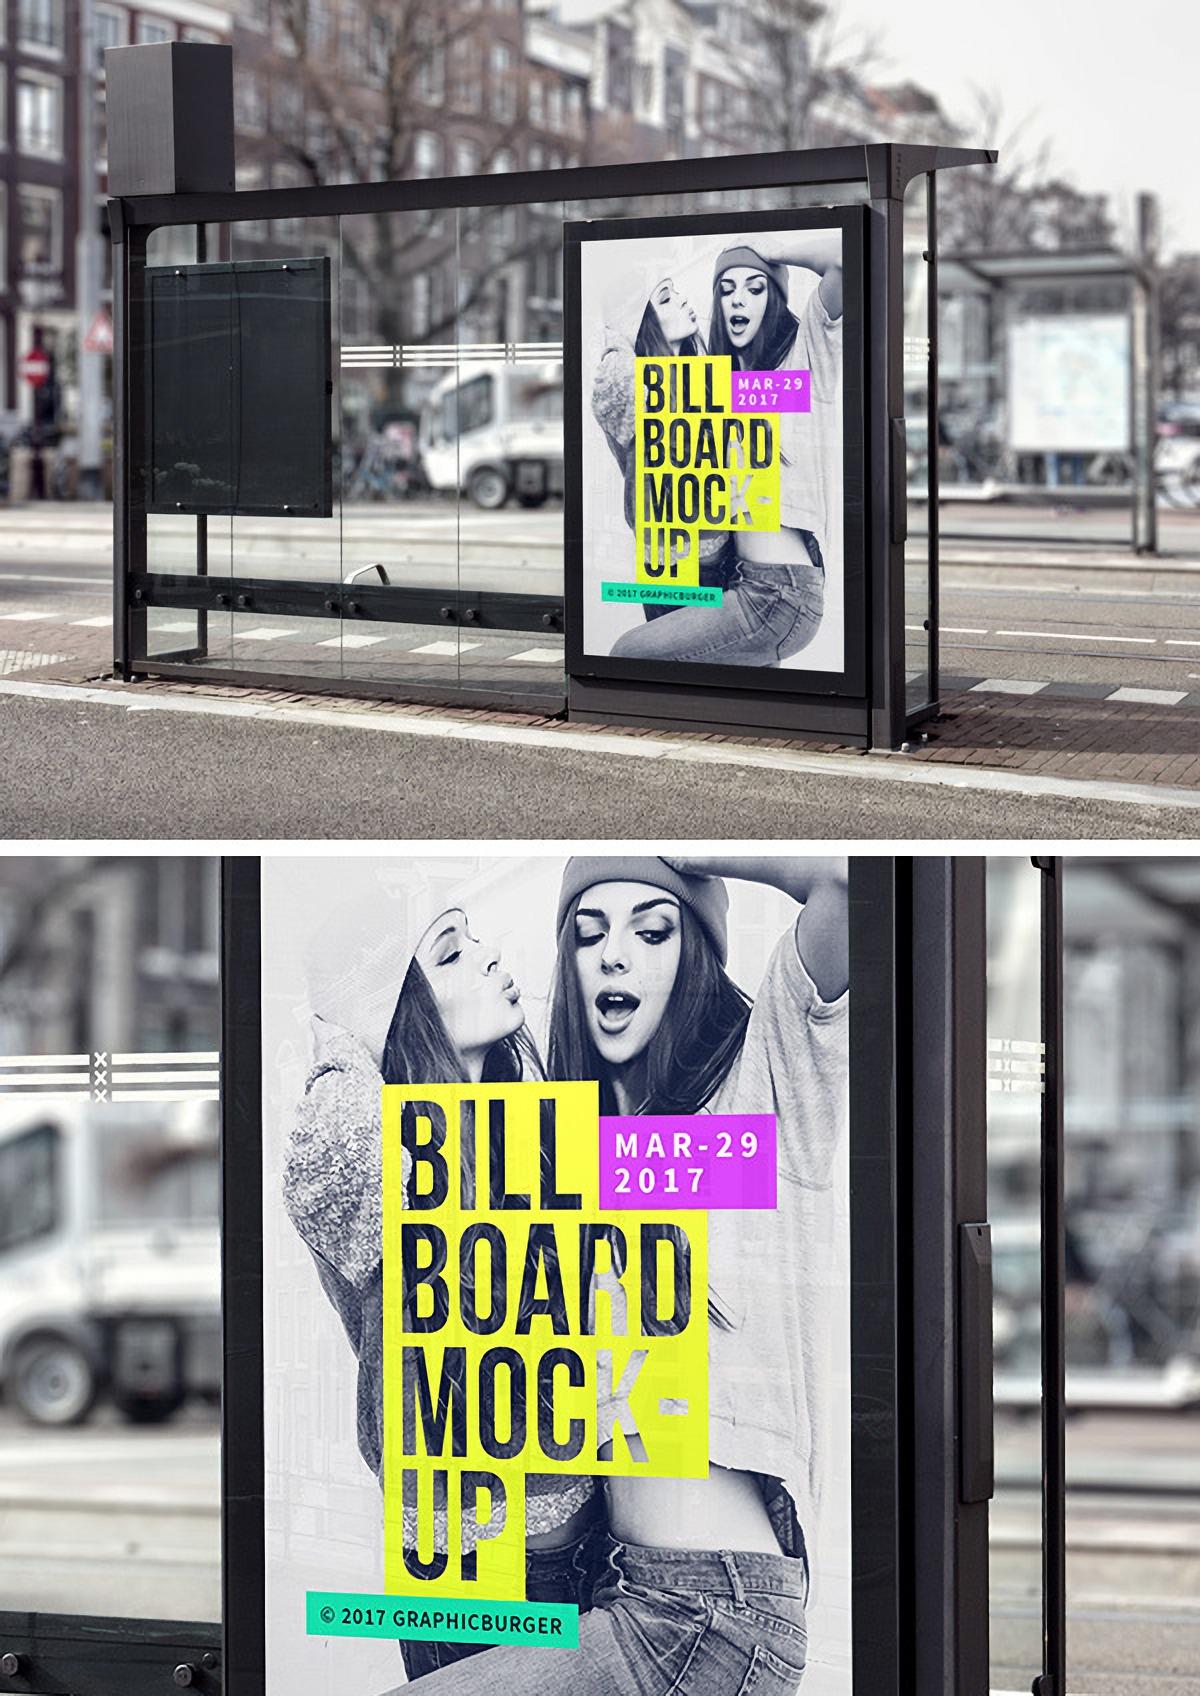 高品质的公交站广告牌设计样机贴图展示模型Mockup下载[PSD]设计素材模板